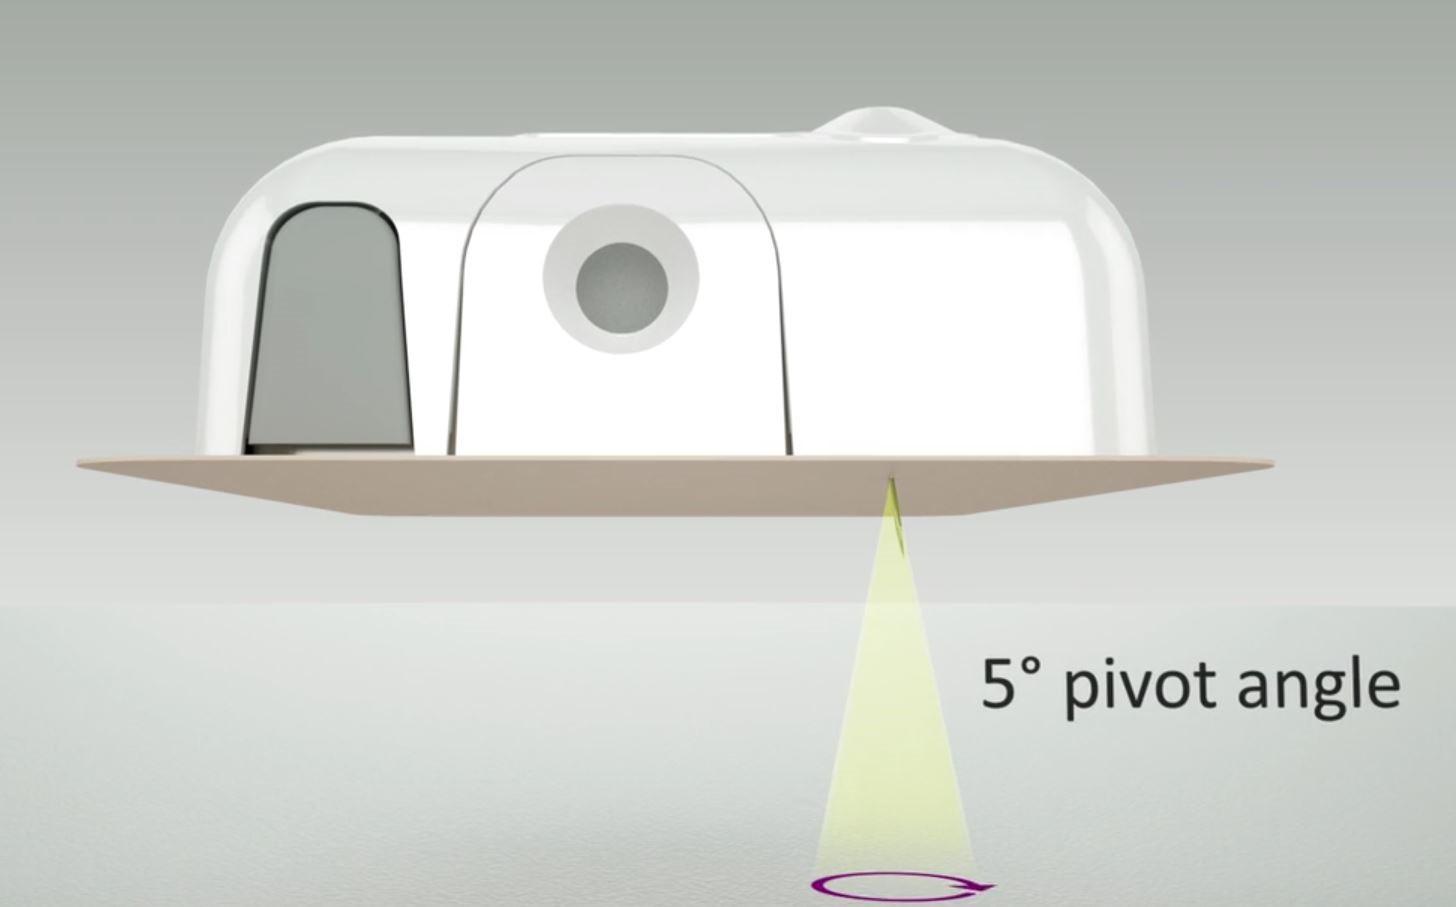 V-Go Pivot Angle